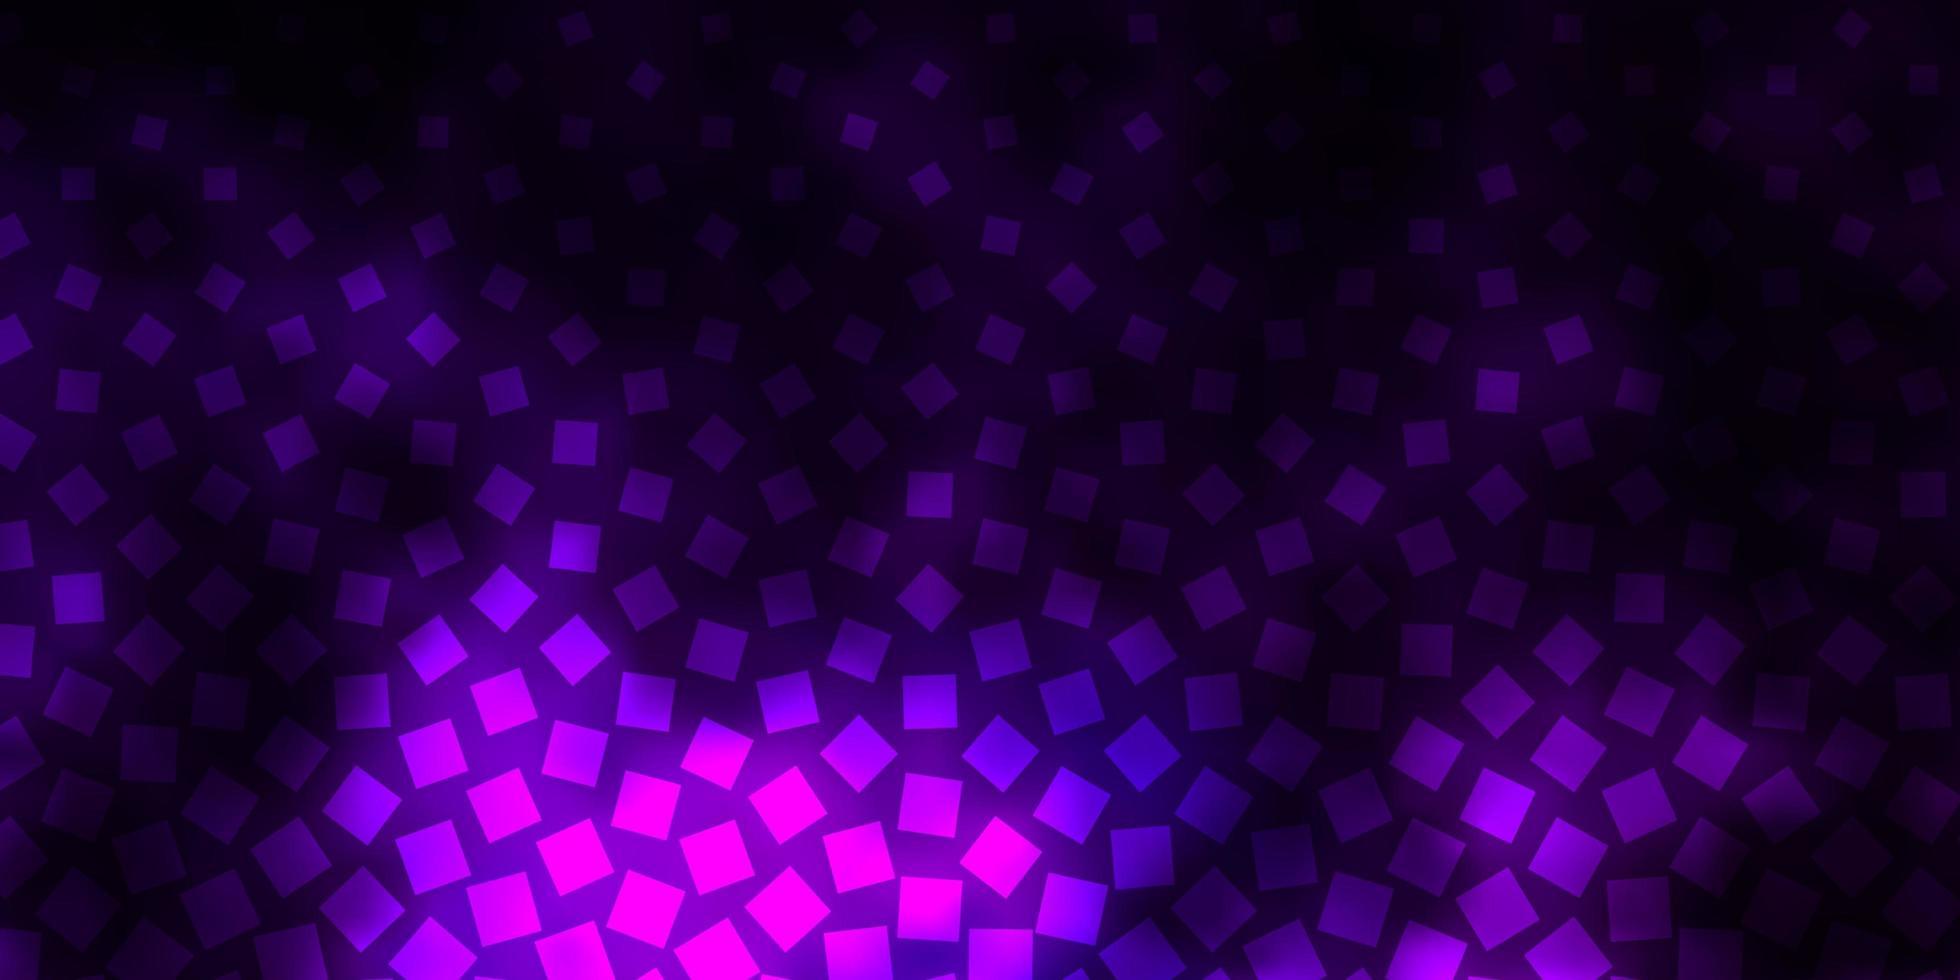 mörkrosa vektorbakgrund i polygonal stil. vektor